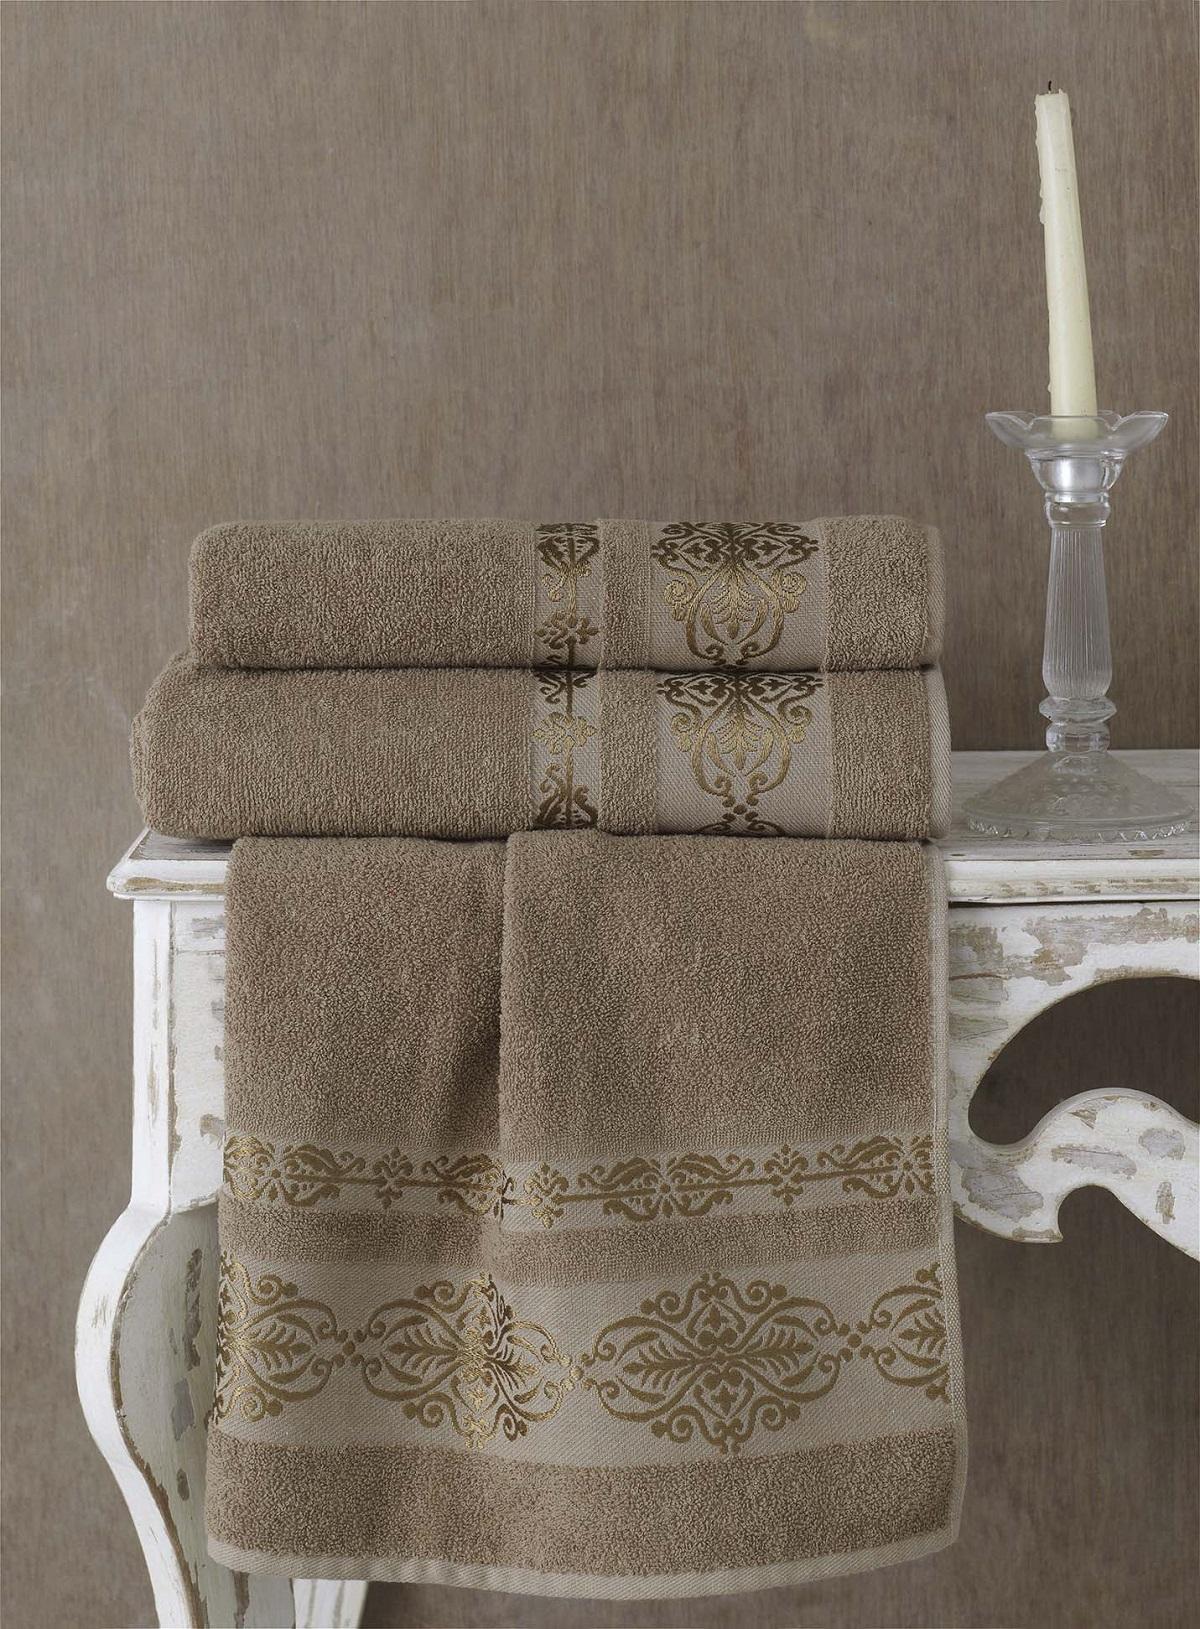 Полотенца Karna Полотенце Rebeka Цвет: Кофейный (70х140 см) karna karna полотенце innes цвет красный 70х140 см